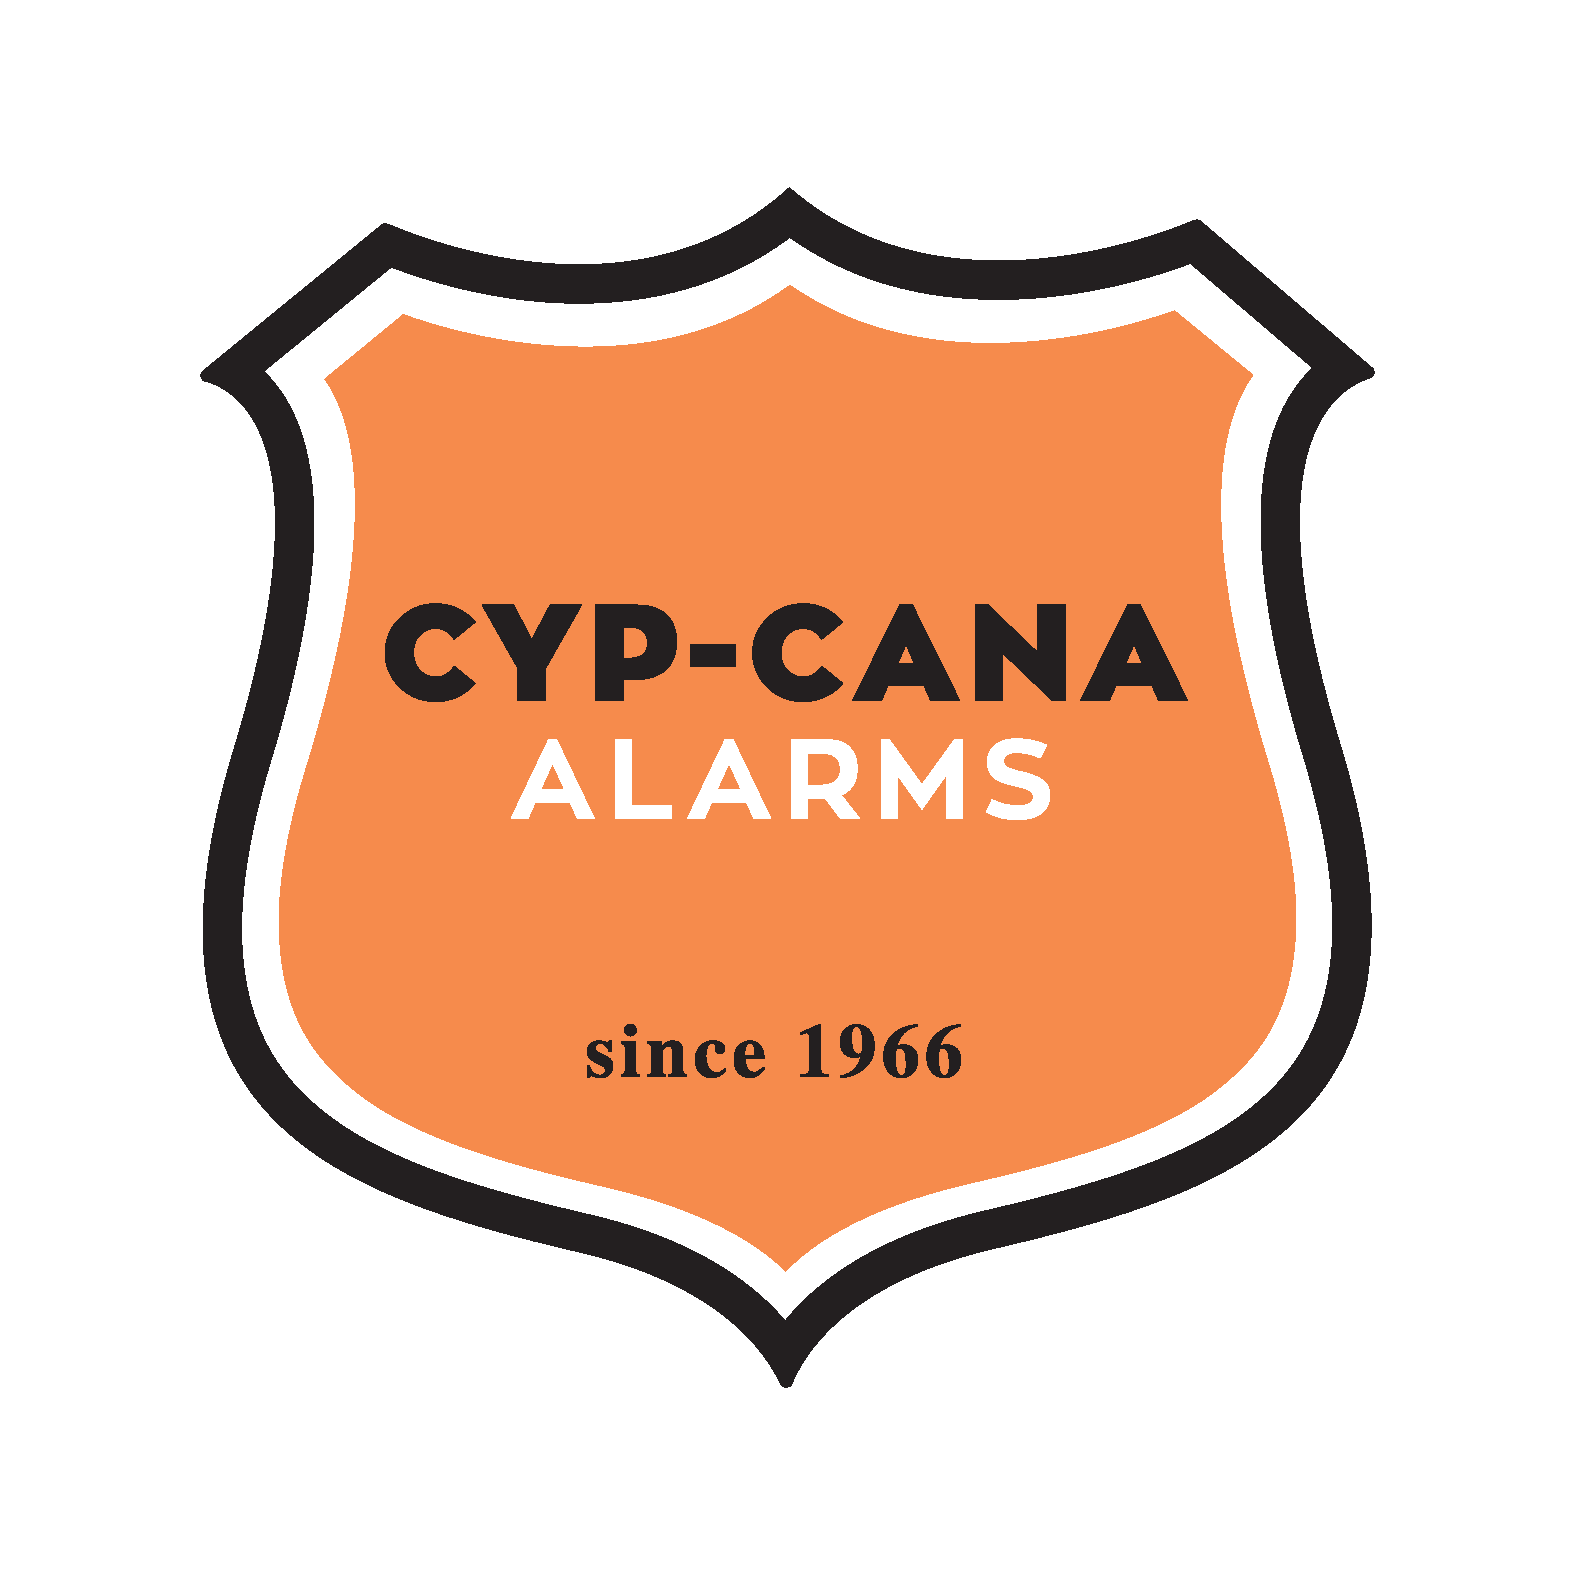 CYP-CANA Alarms logo